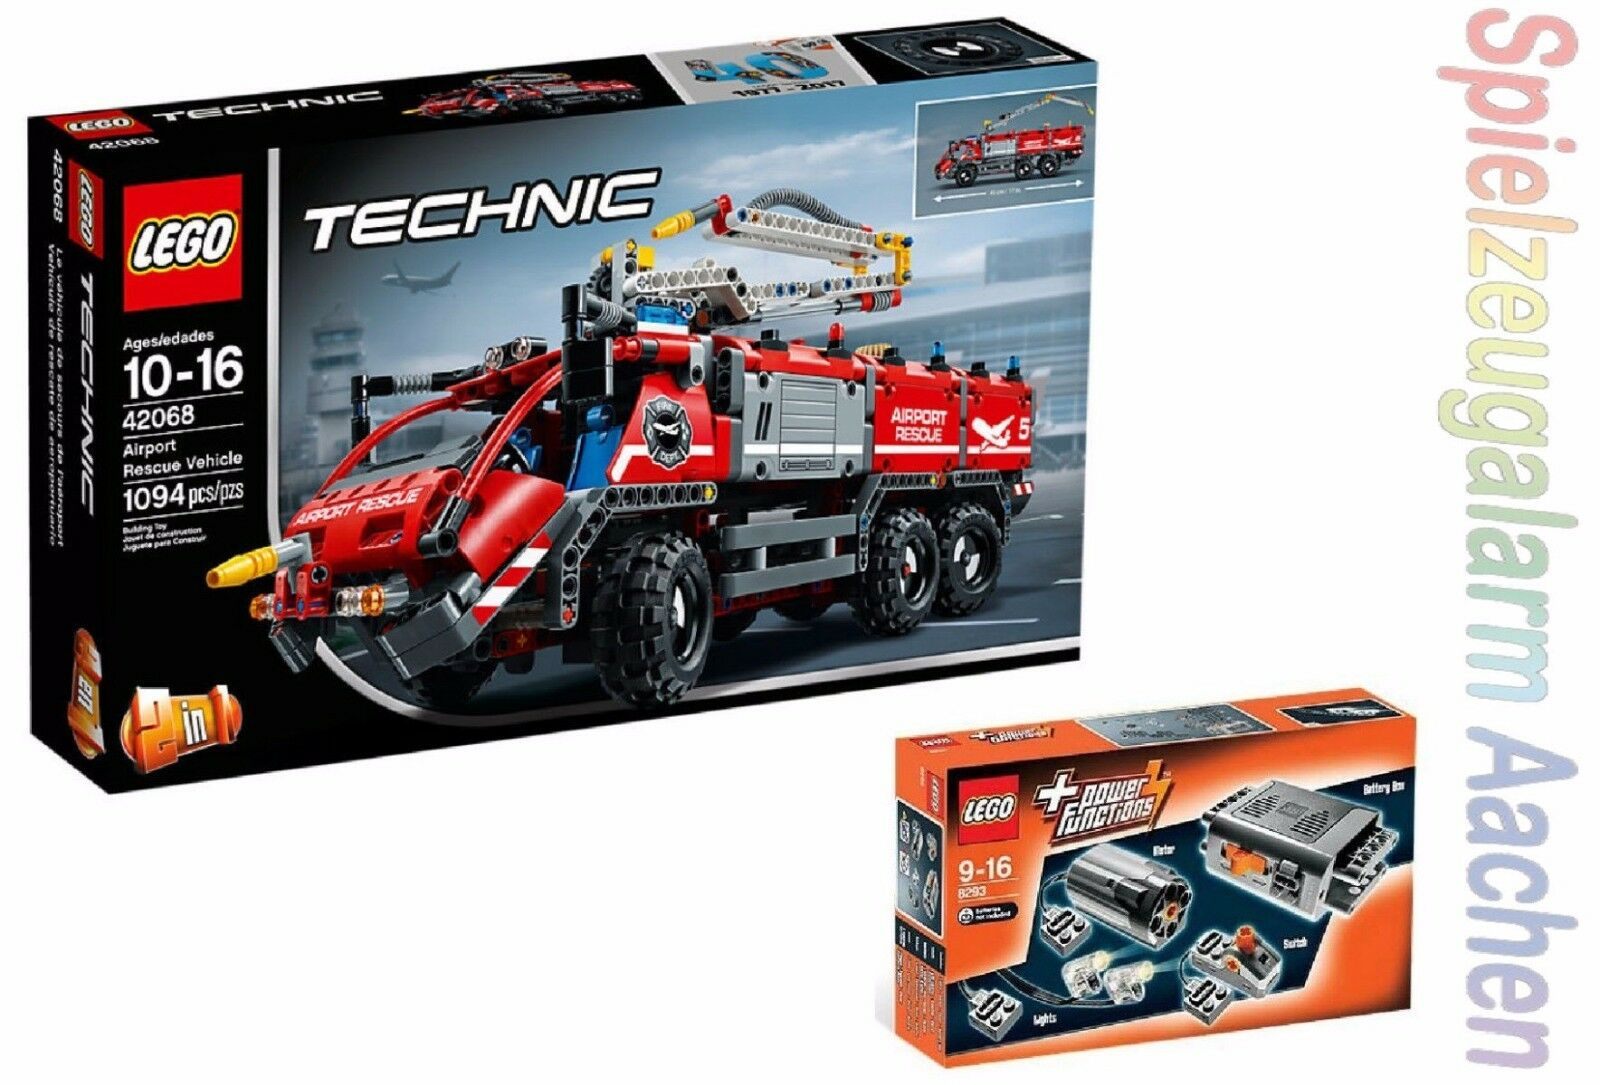 LEGO TECHNIK 42068 + 8293 Flughafen Löschfahrzeug + LED LED LED Power Functions N8 17 6a7c54